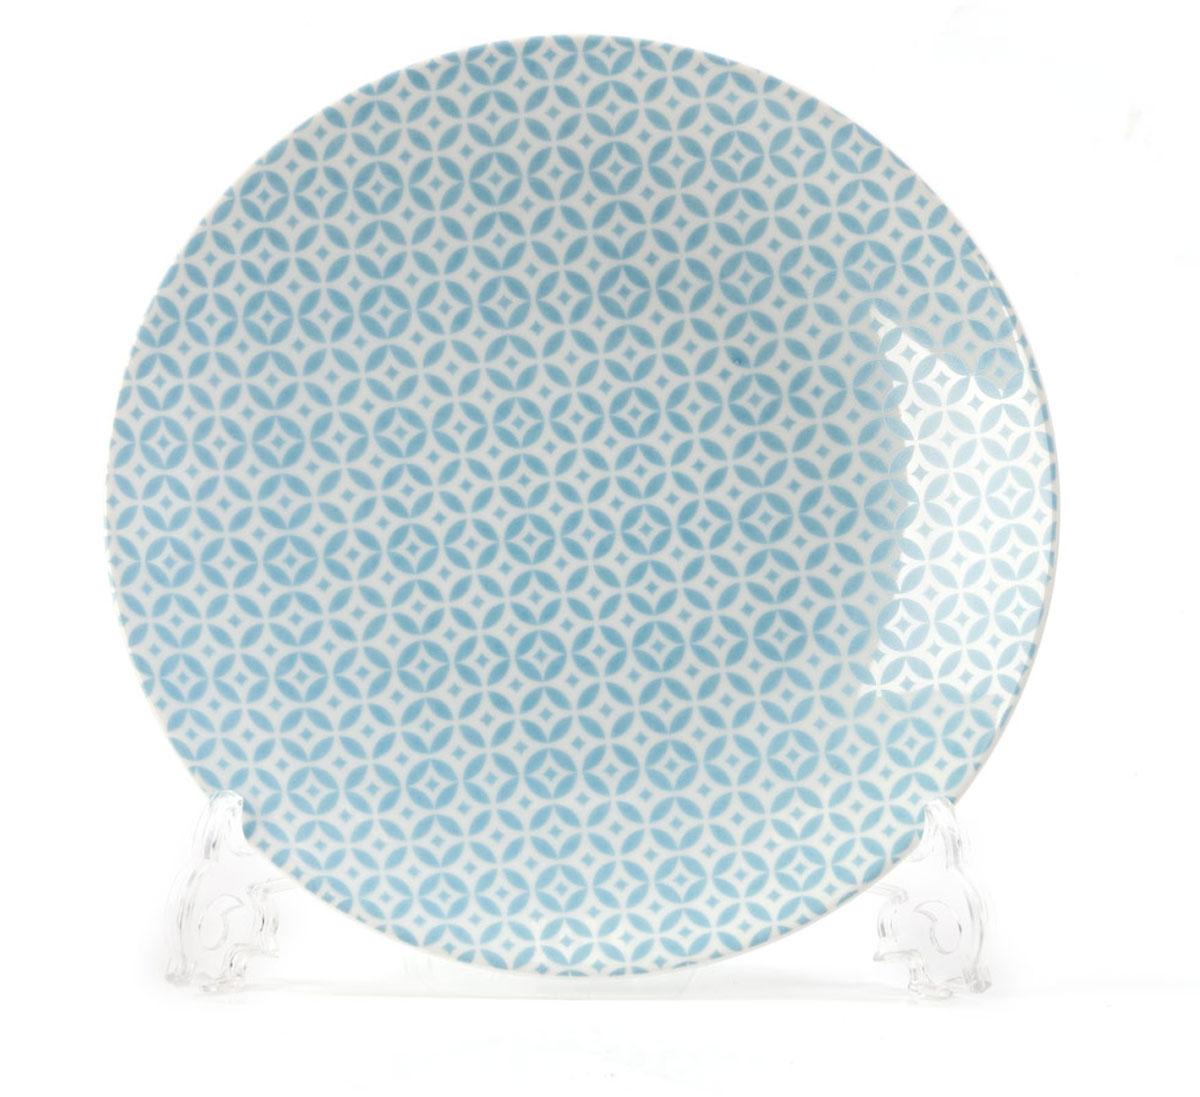 Тарелка La Rose des Sables Витон, цвет: голубой, белый, диаметр 21 см720121 2303Тарелка La Rose des Sables Витон выполнена из высококачественного тунисского фарфора, изготовленного из уникальной белой глины. На всех изделиях La Rose des Sables можно увидеть маркировку Pate de Limoges. Это означает, что сырье для изготовления фарфора добывают во французской провинции Лимож, и качество соответствует высоким европейским стандартам. Все производство расположено в Тунисе.Особые свойства этой глины, открытые еще в 18 веке, позволяют создать удивительно тонкую, легкую и при этом прочную посуду. Благодаря двойному термическому обжигу фарфор обладает высокой ударопрочностью, стойкостью к сколам и трещинам, жаропрочностью и великолепным блеском глазури.Коллекция Витон - это изысканная классика, дополненная красивым орнаментом по всей поверхности. Эта фарфоровая посуда станет настоящим украшением вашего стола. Прекрасный вариант как для праздничной, так и для повседневной сервировки стола.Можно использовать в СВЧ печи и мыть в посудомоечной машине.